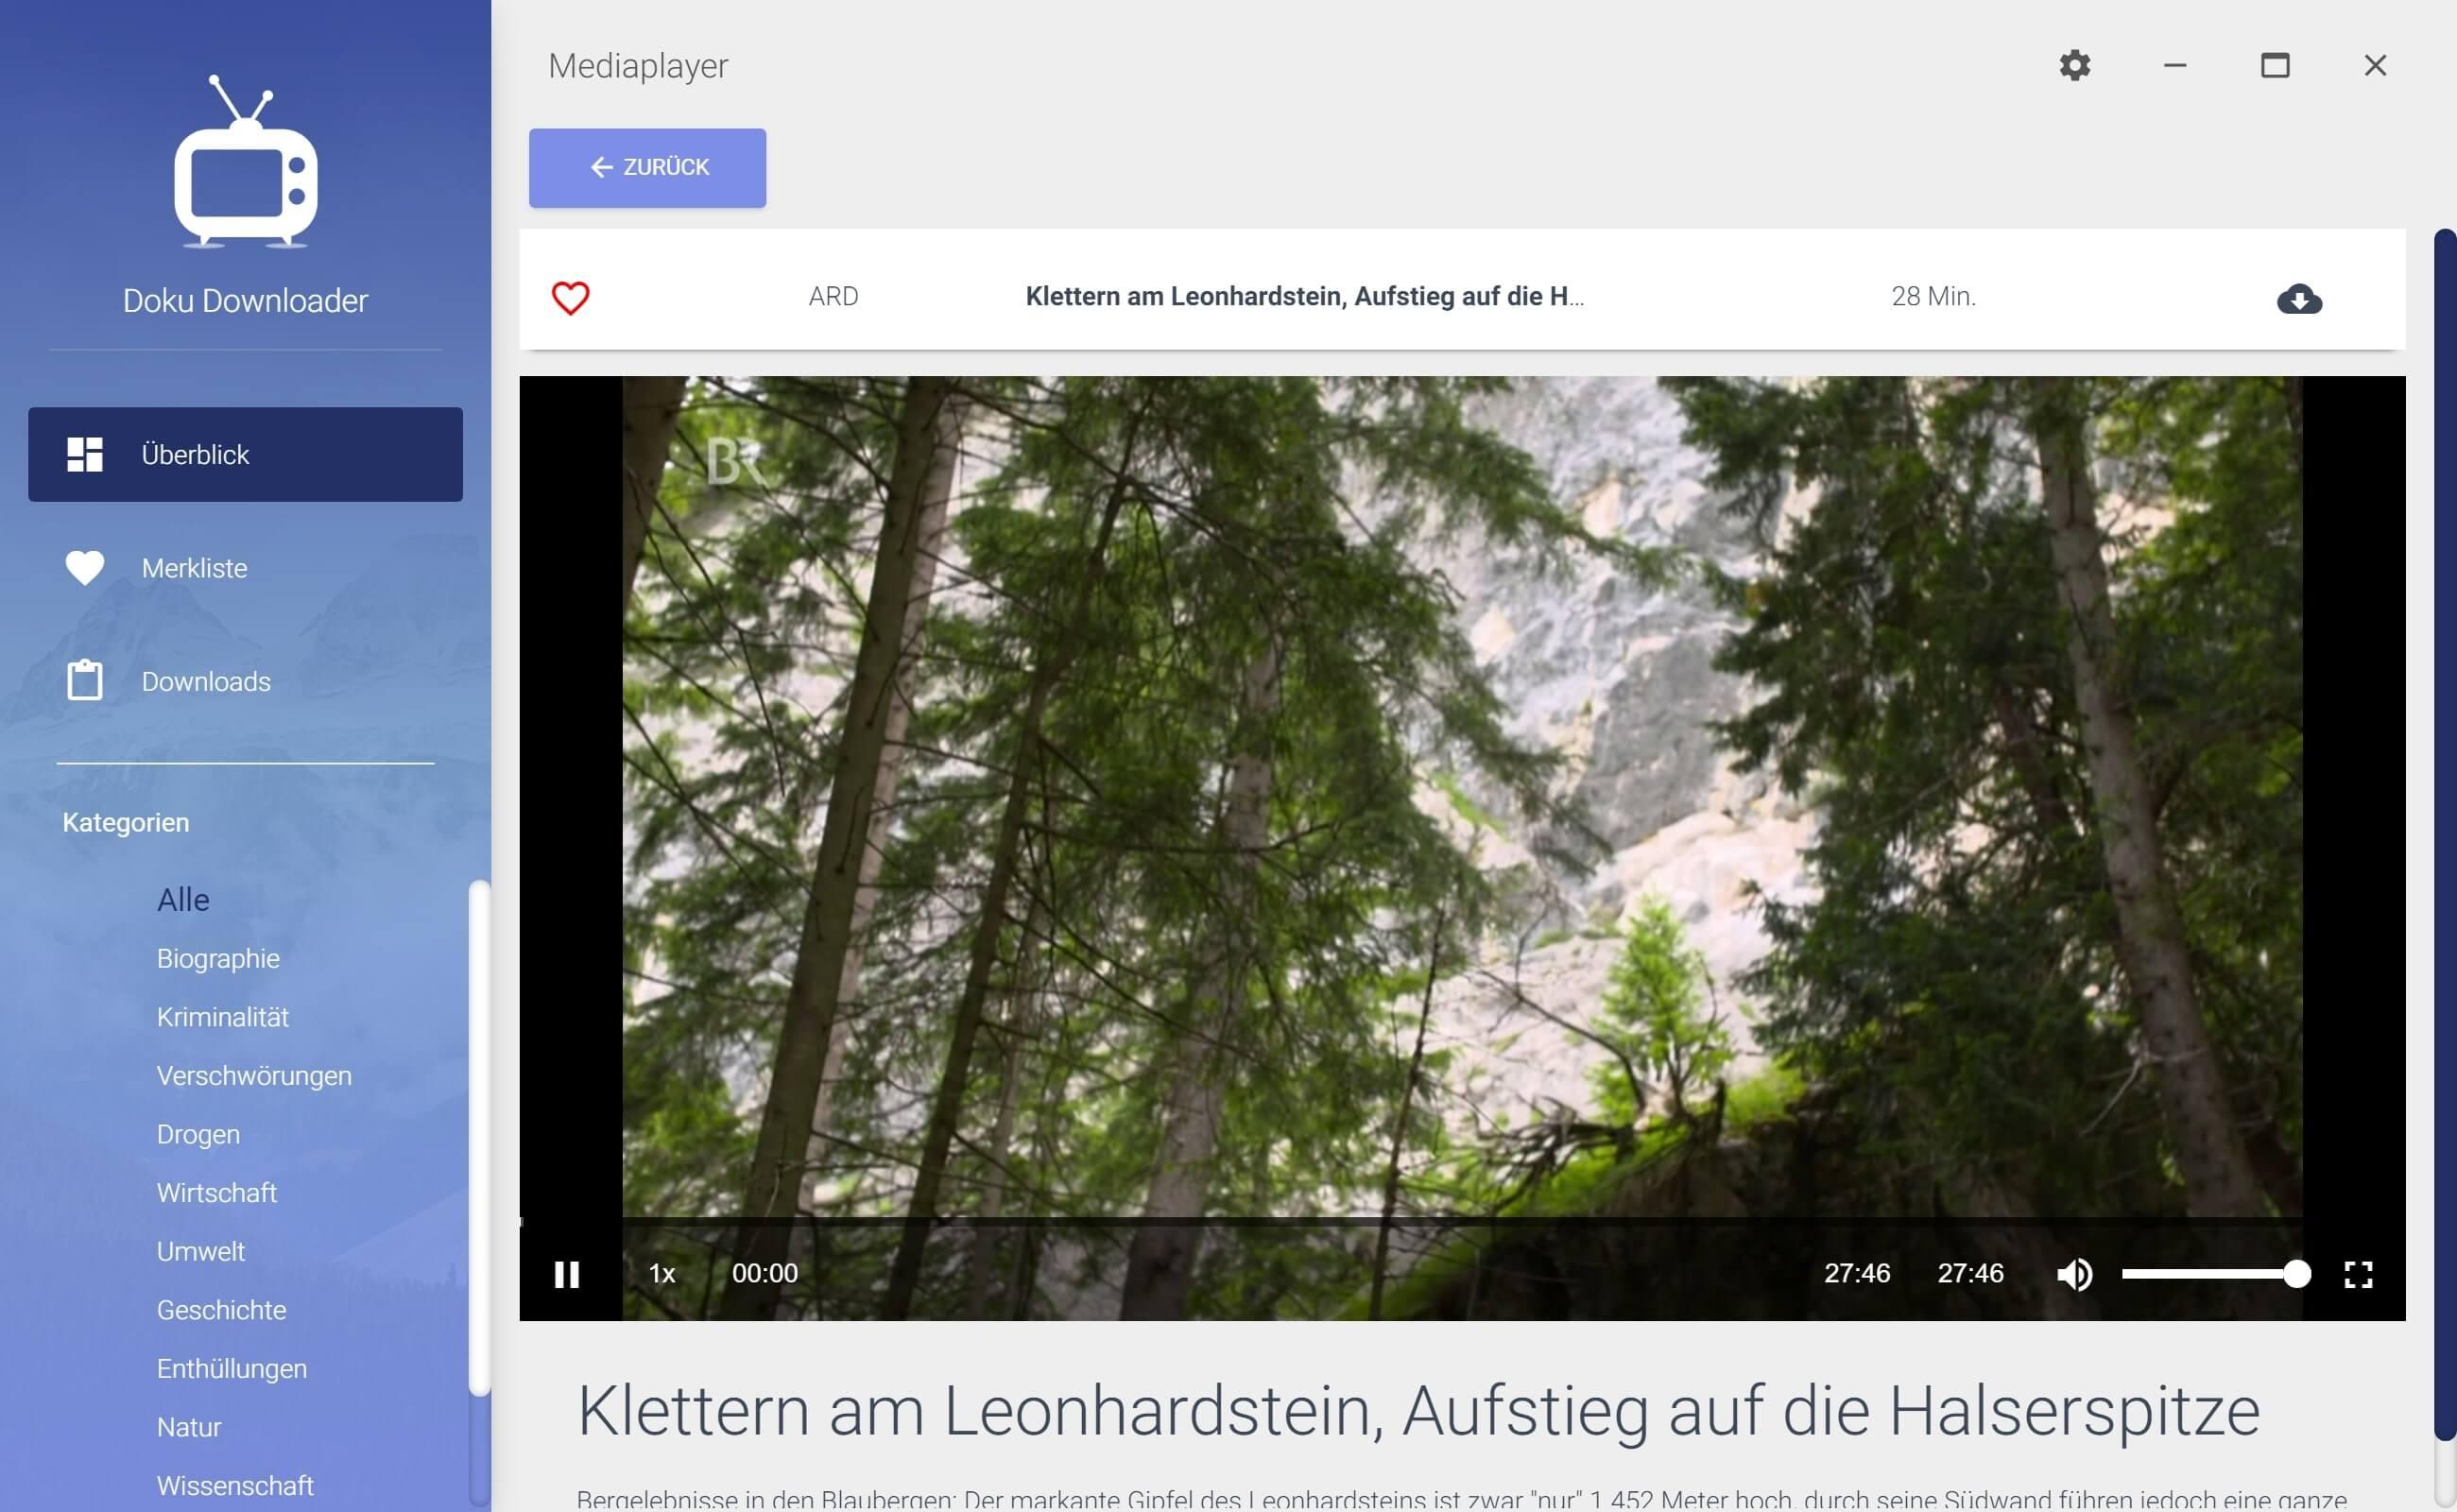 ARD Dokumentation aus Mediathek herunterladen - Anschauen